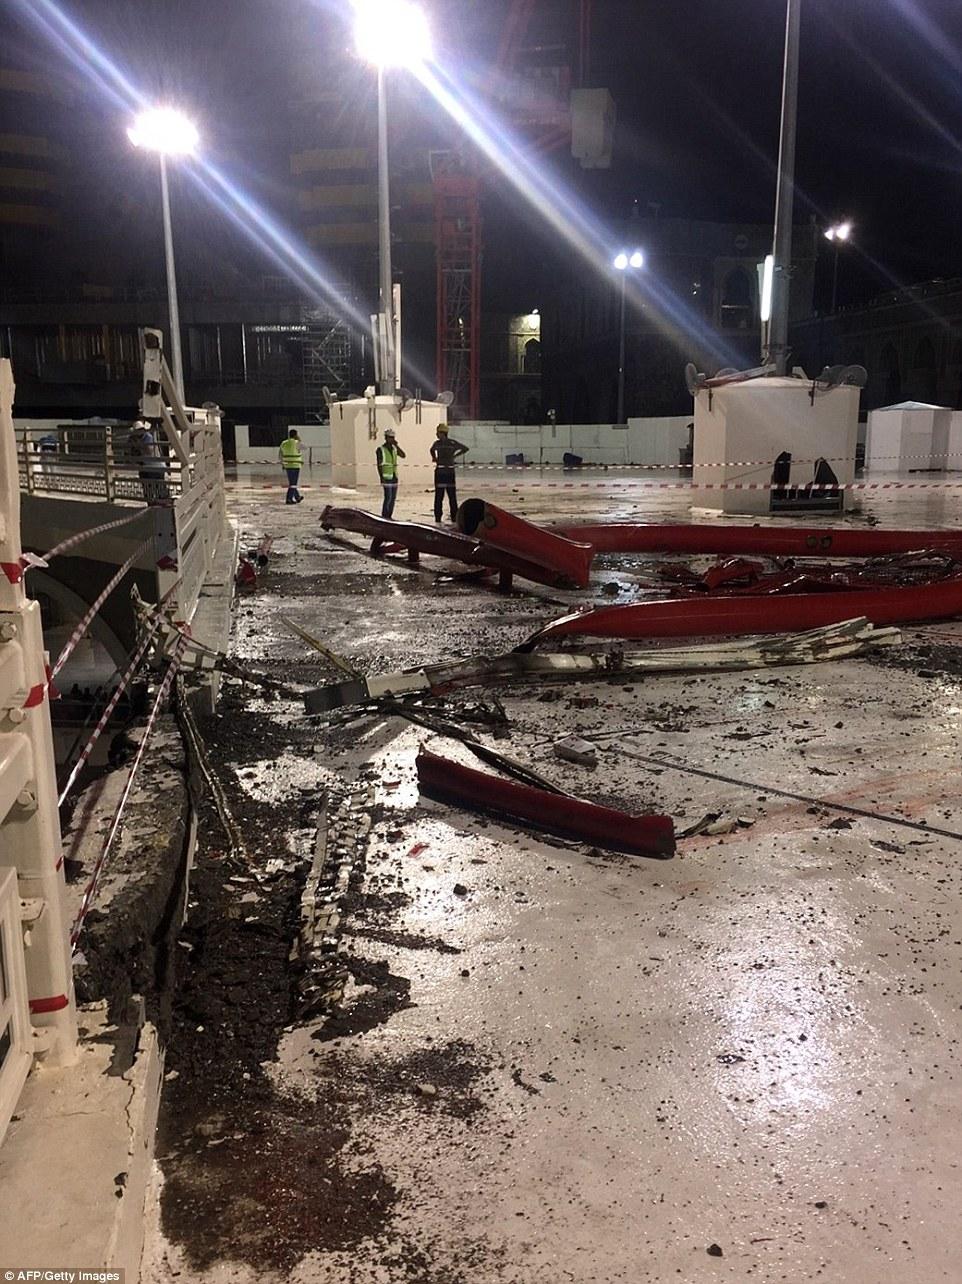 Estragos: La estructura caer gigante causó un daño inmenso a la mezquita, así como reclamar al menos 87 vidas